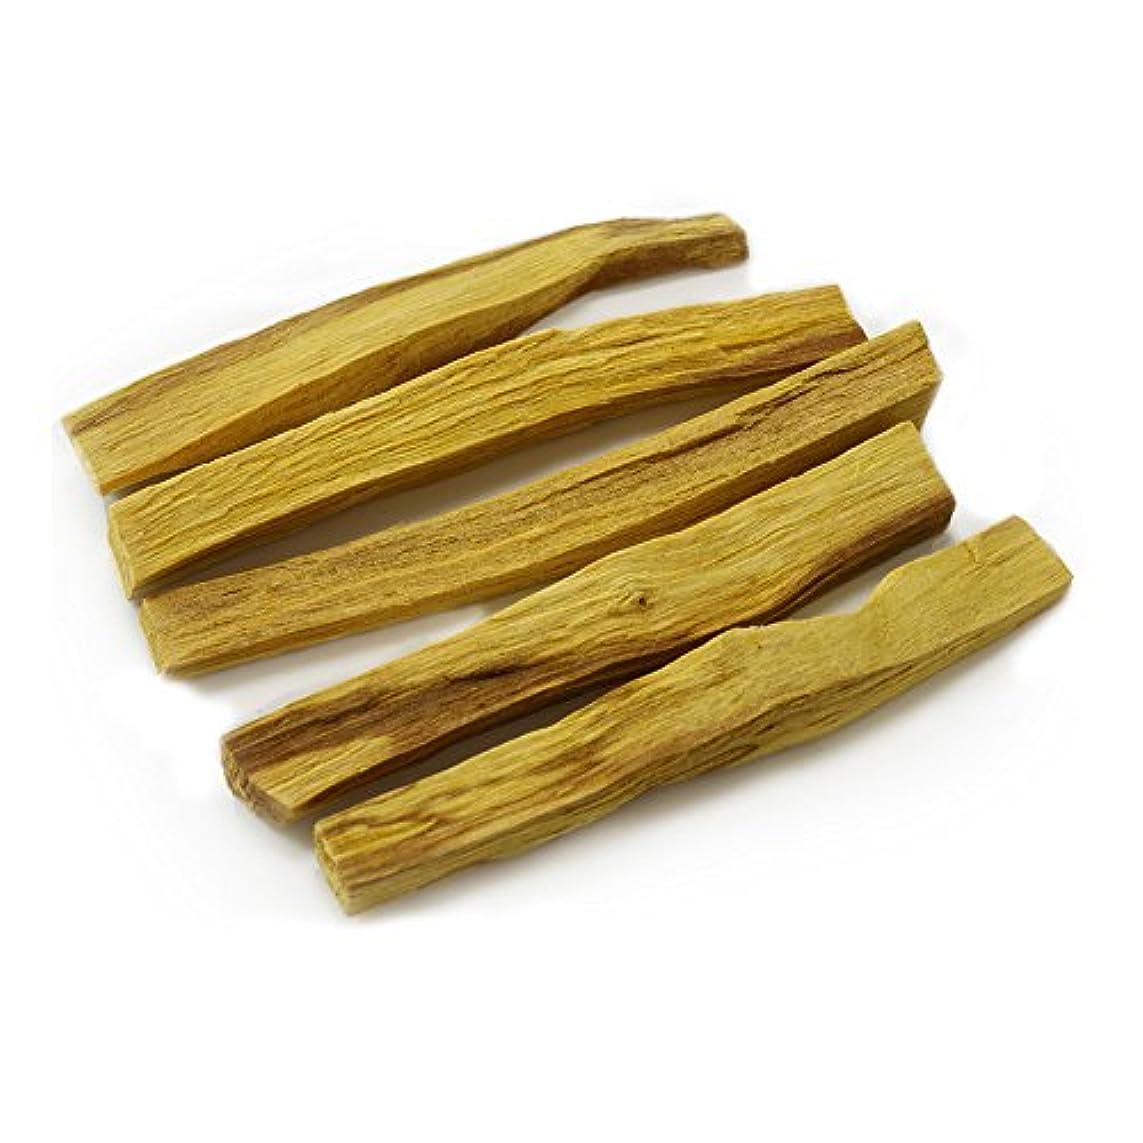 テーブル叫び声デッドロックPalo Santo Holy Wood Incense Sticks 5 Pcs by Palo Santo Wood